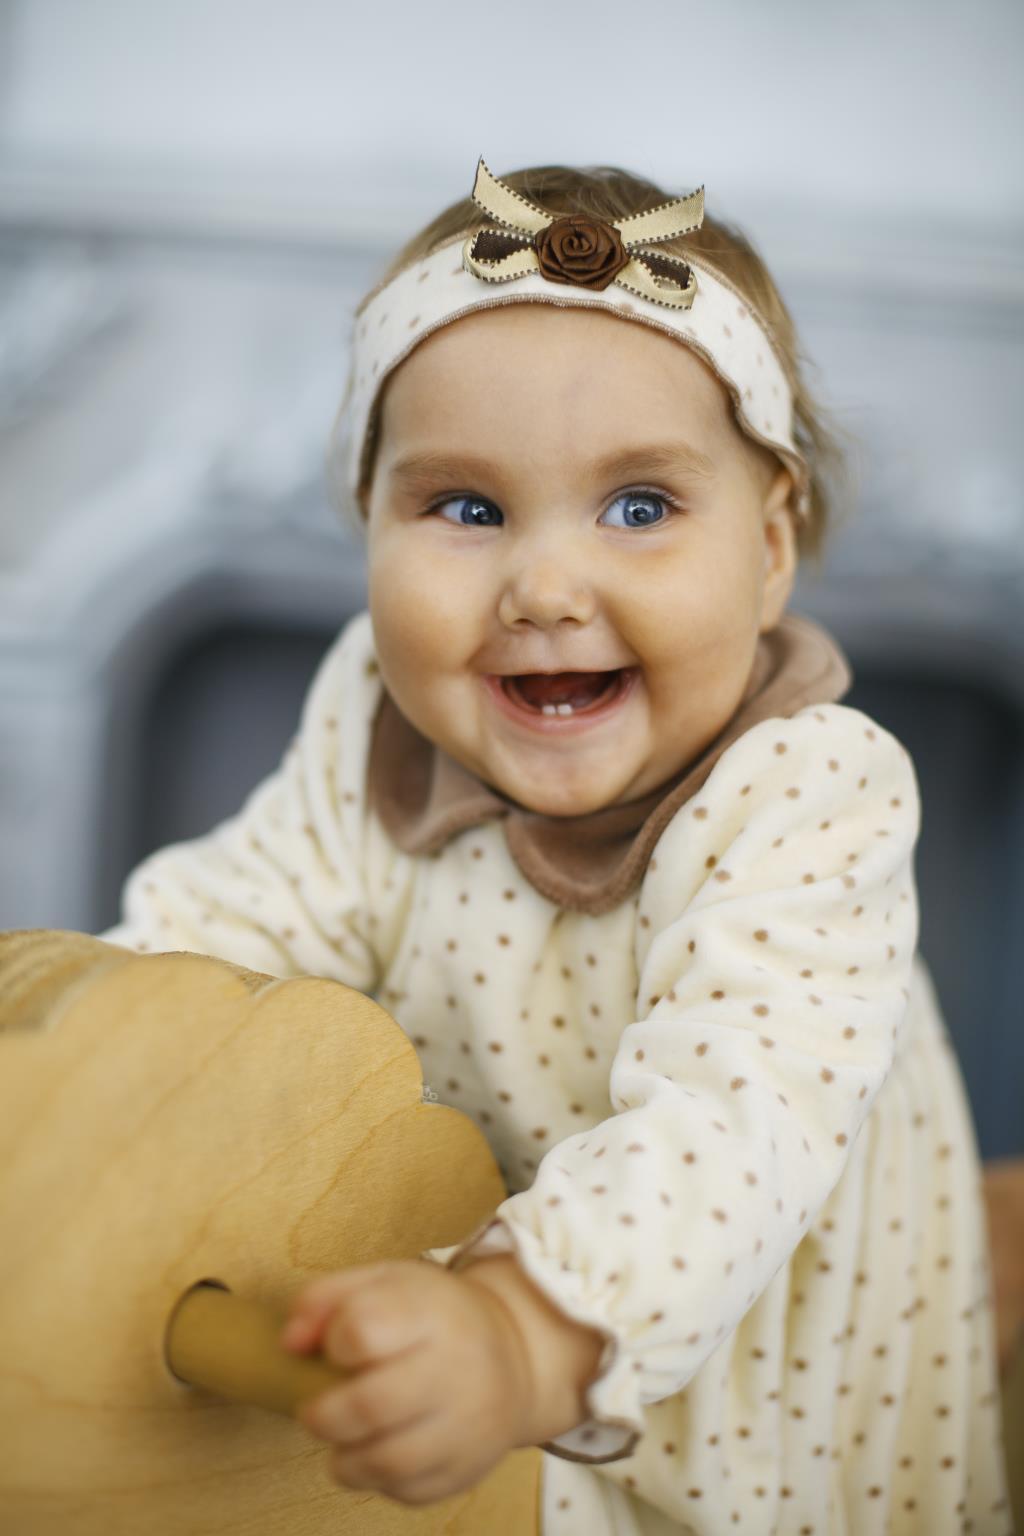 Подставляйте ладони, я насыплю вам счастье :). 'Дантинорм Бэби' – каждый зубик в радость!